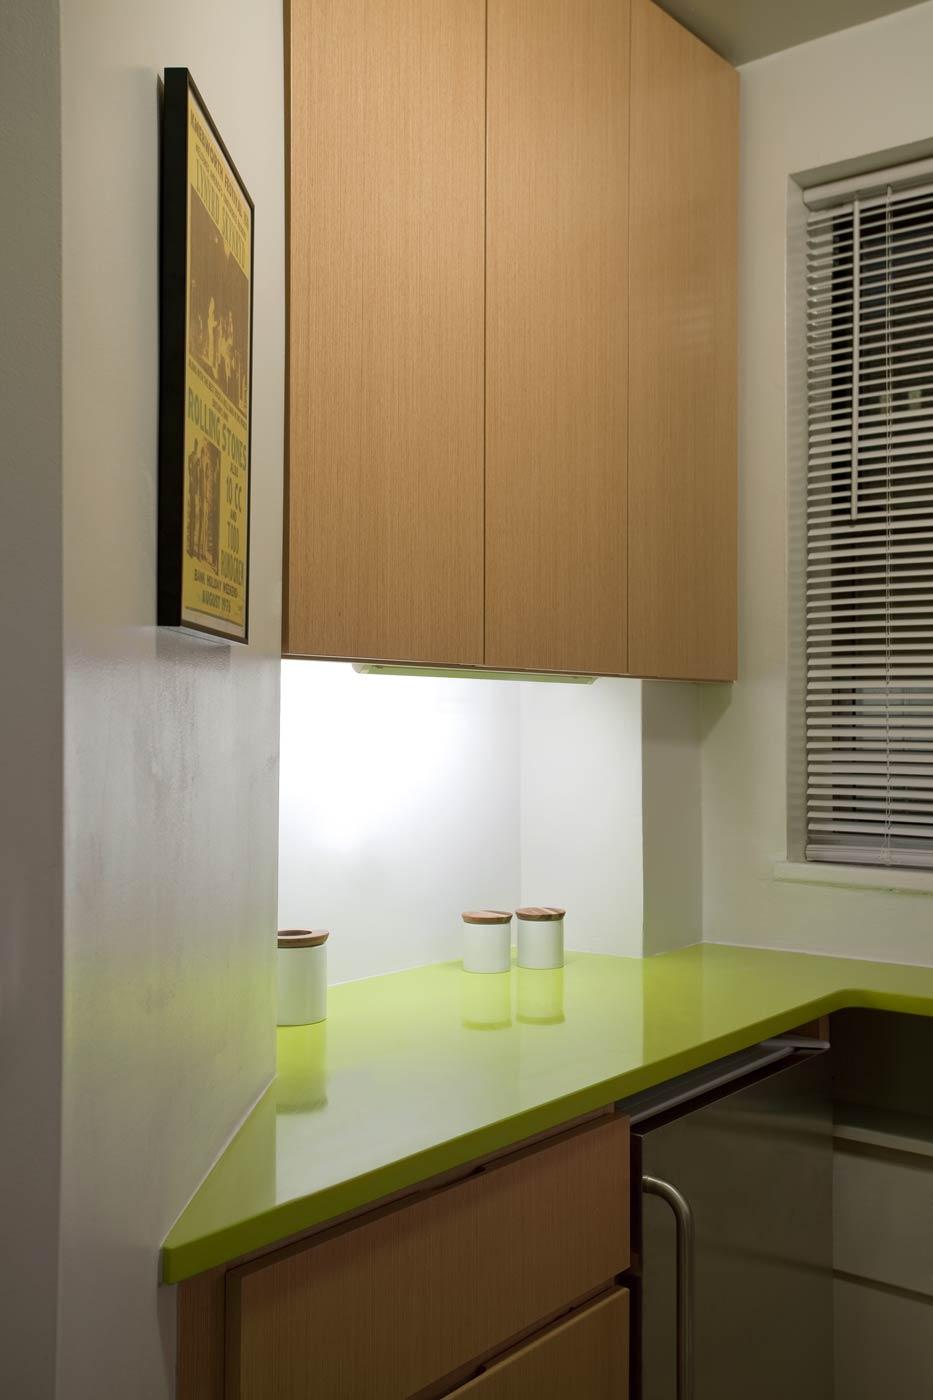 Giulias Apartment interior design1.jpg